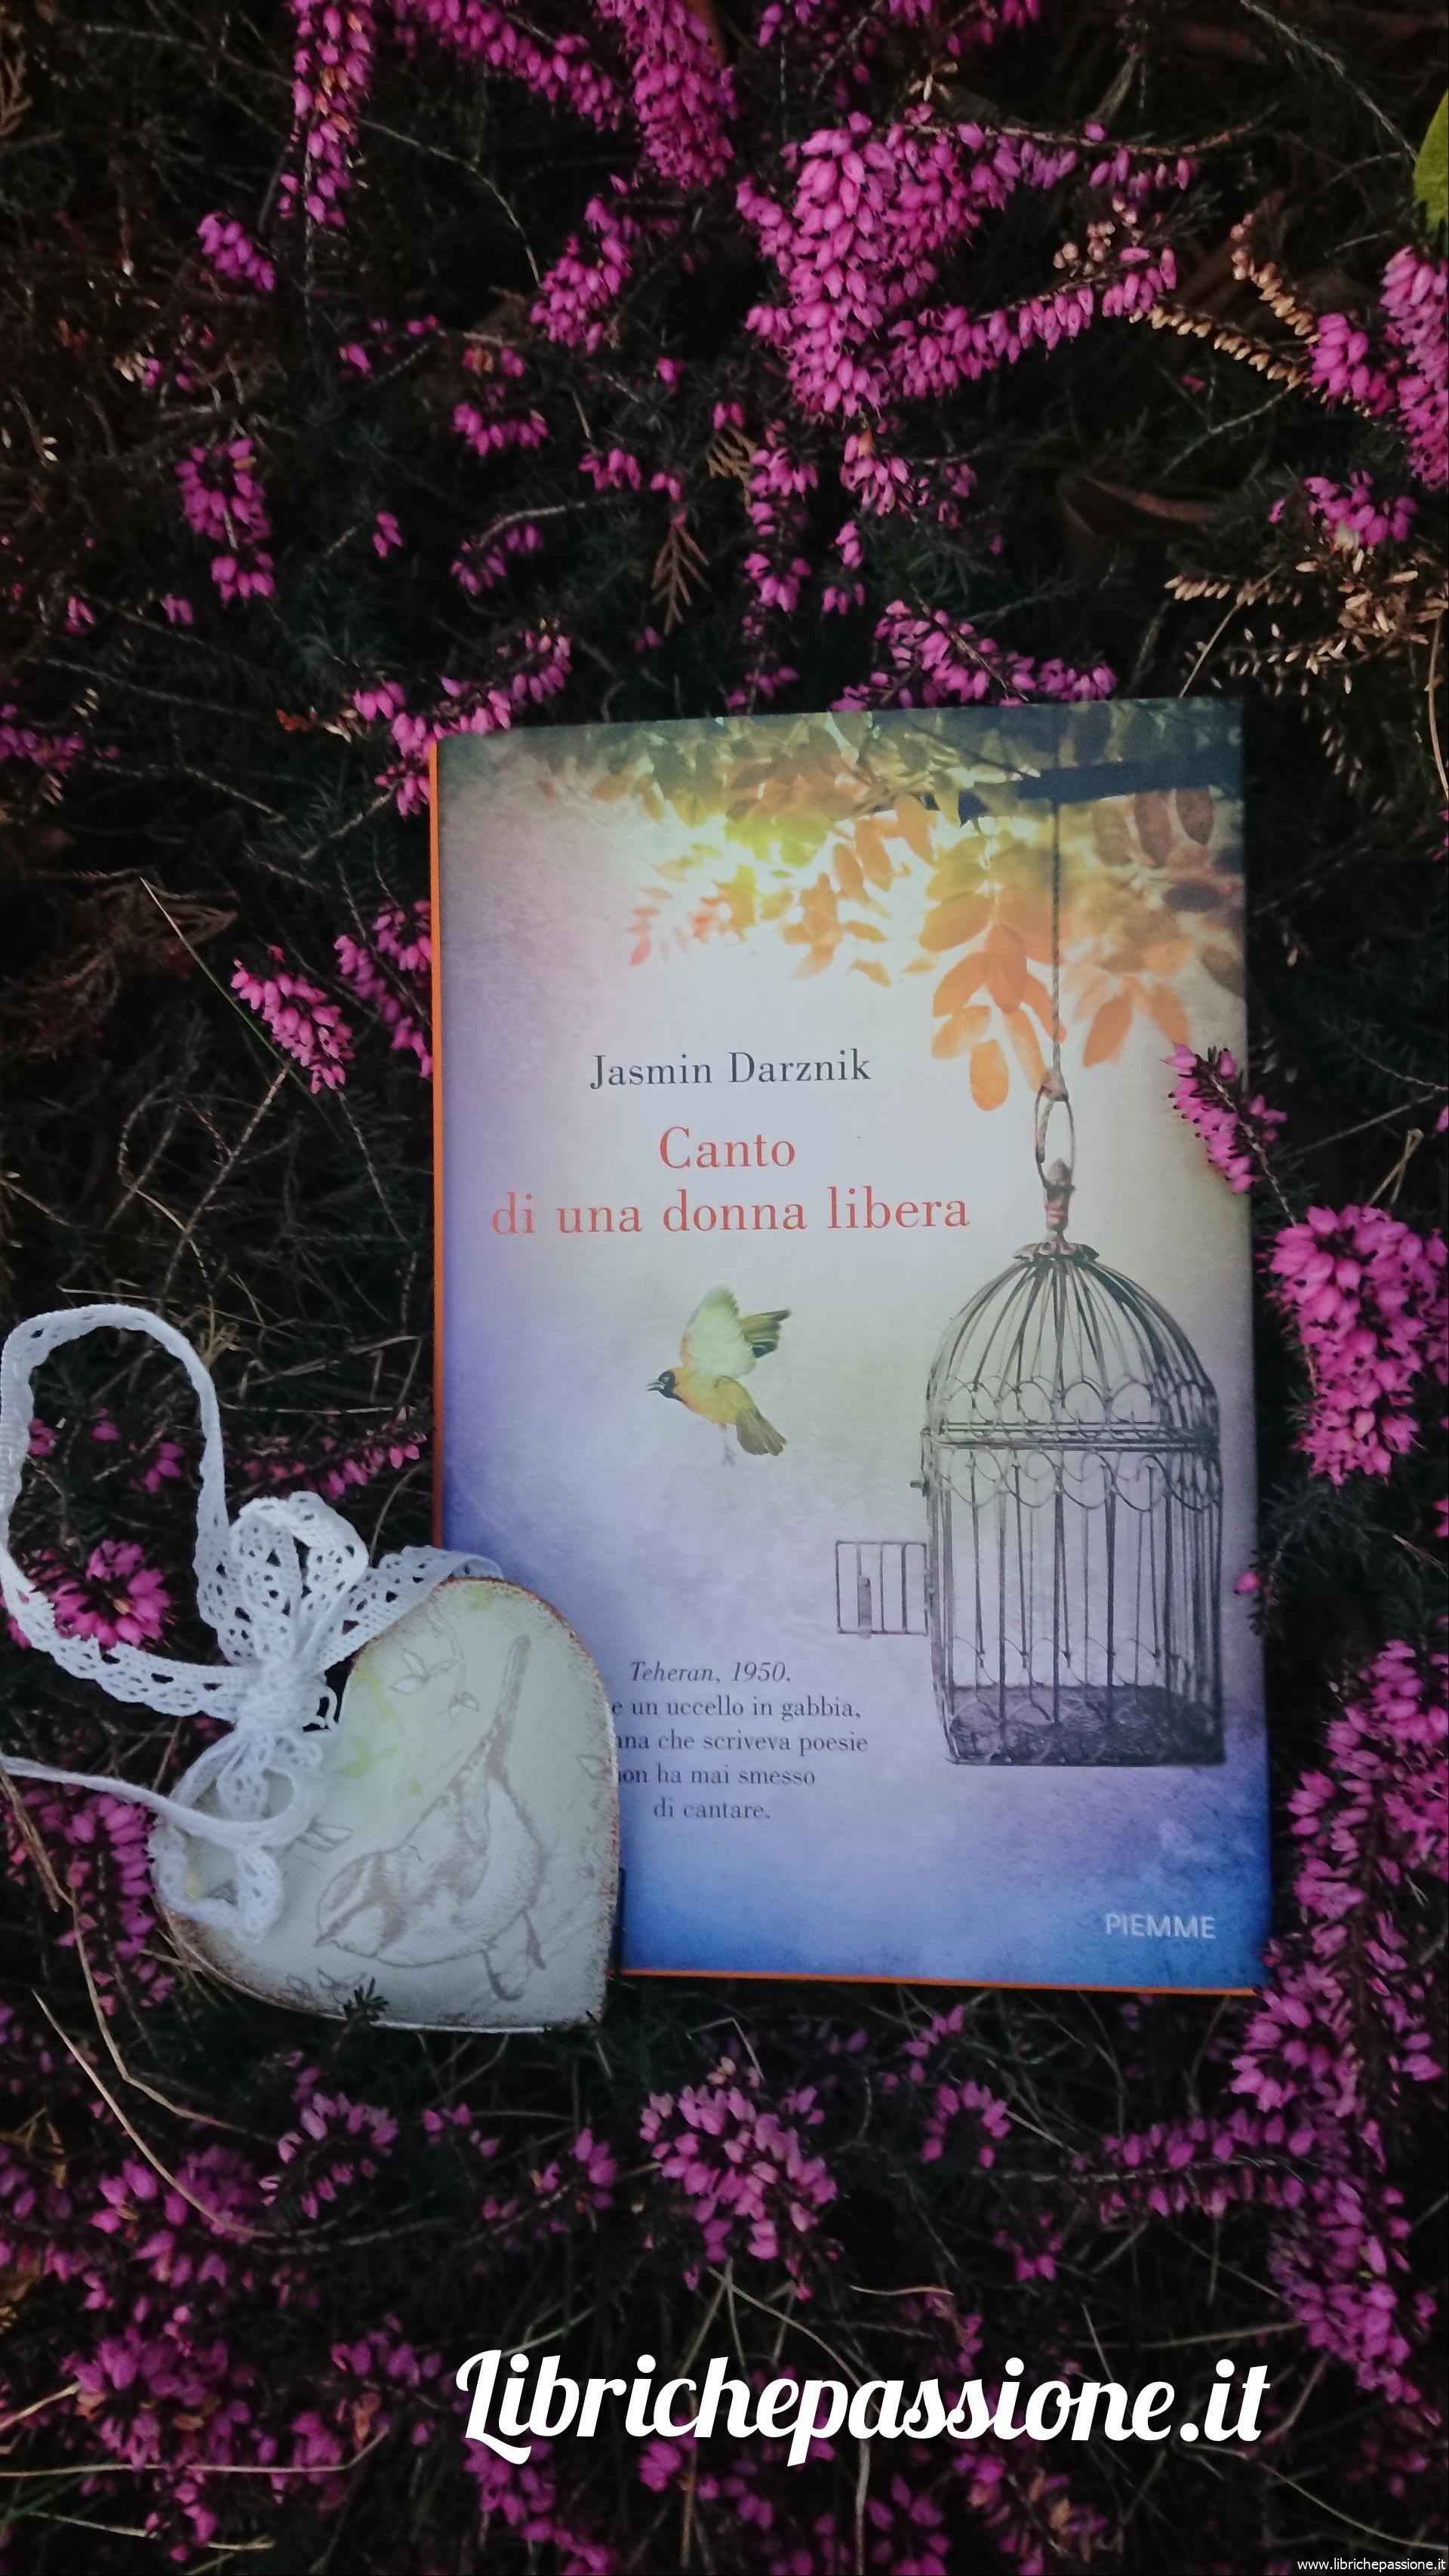 """Recensione del romanzo """" Canto di una donna libera"""" dell'autrice Jasmin Darznik edito Piemme"""